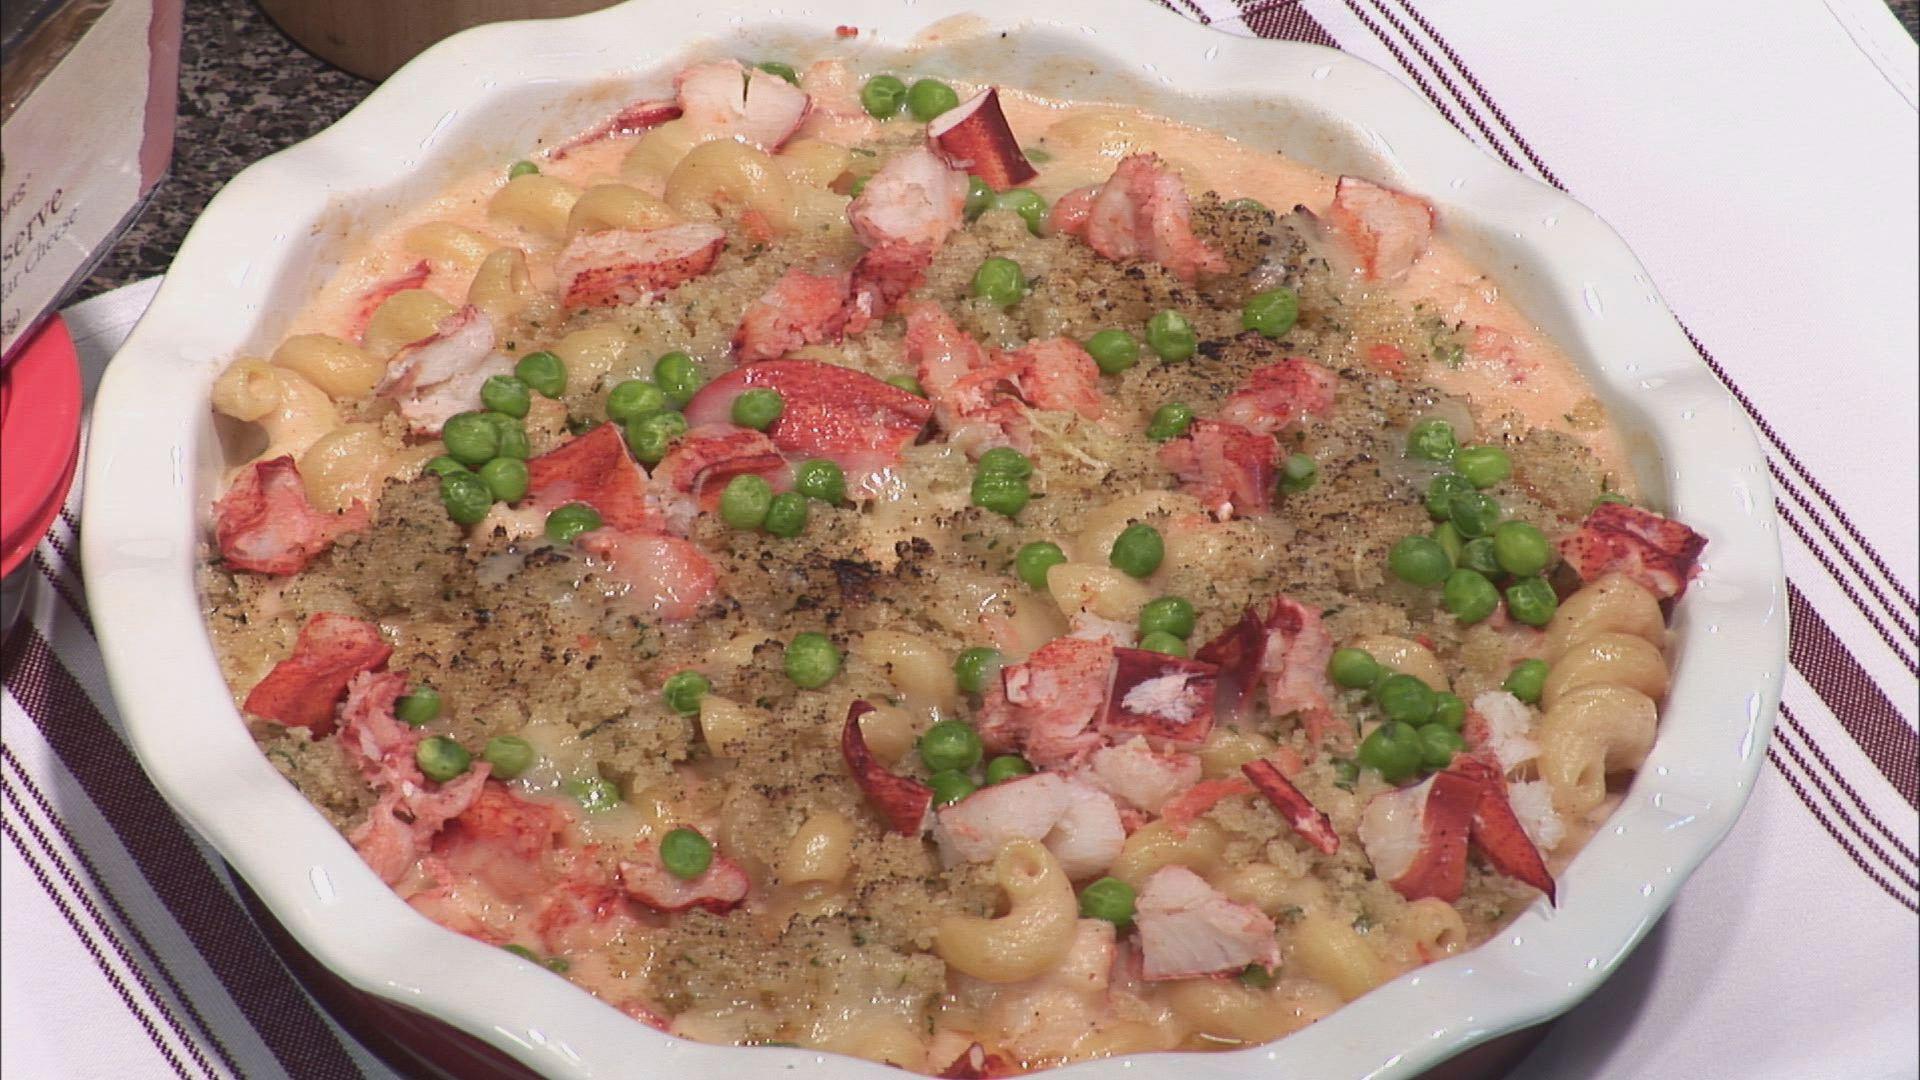 newscentermaine.com | Lobster Mac & Cheese - Chef Vito Marcello